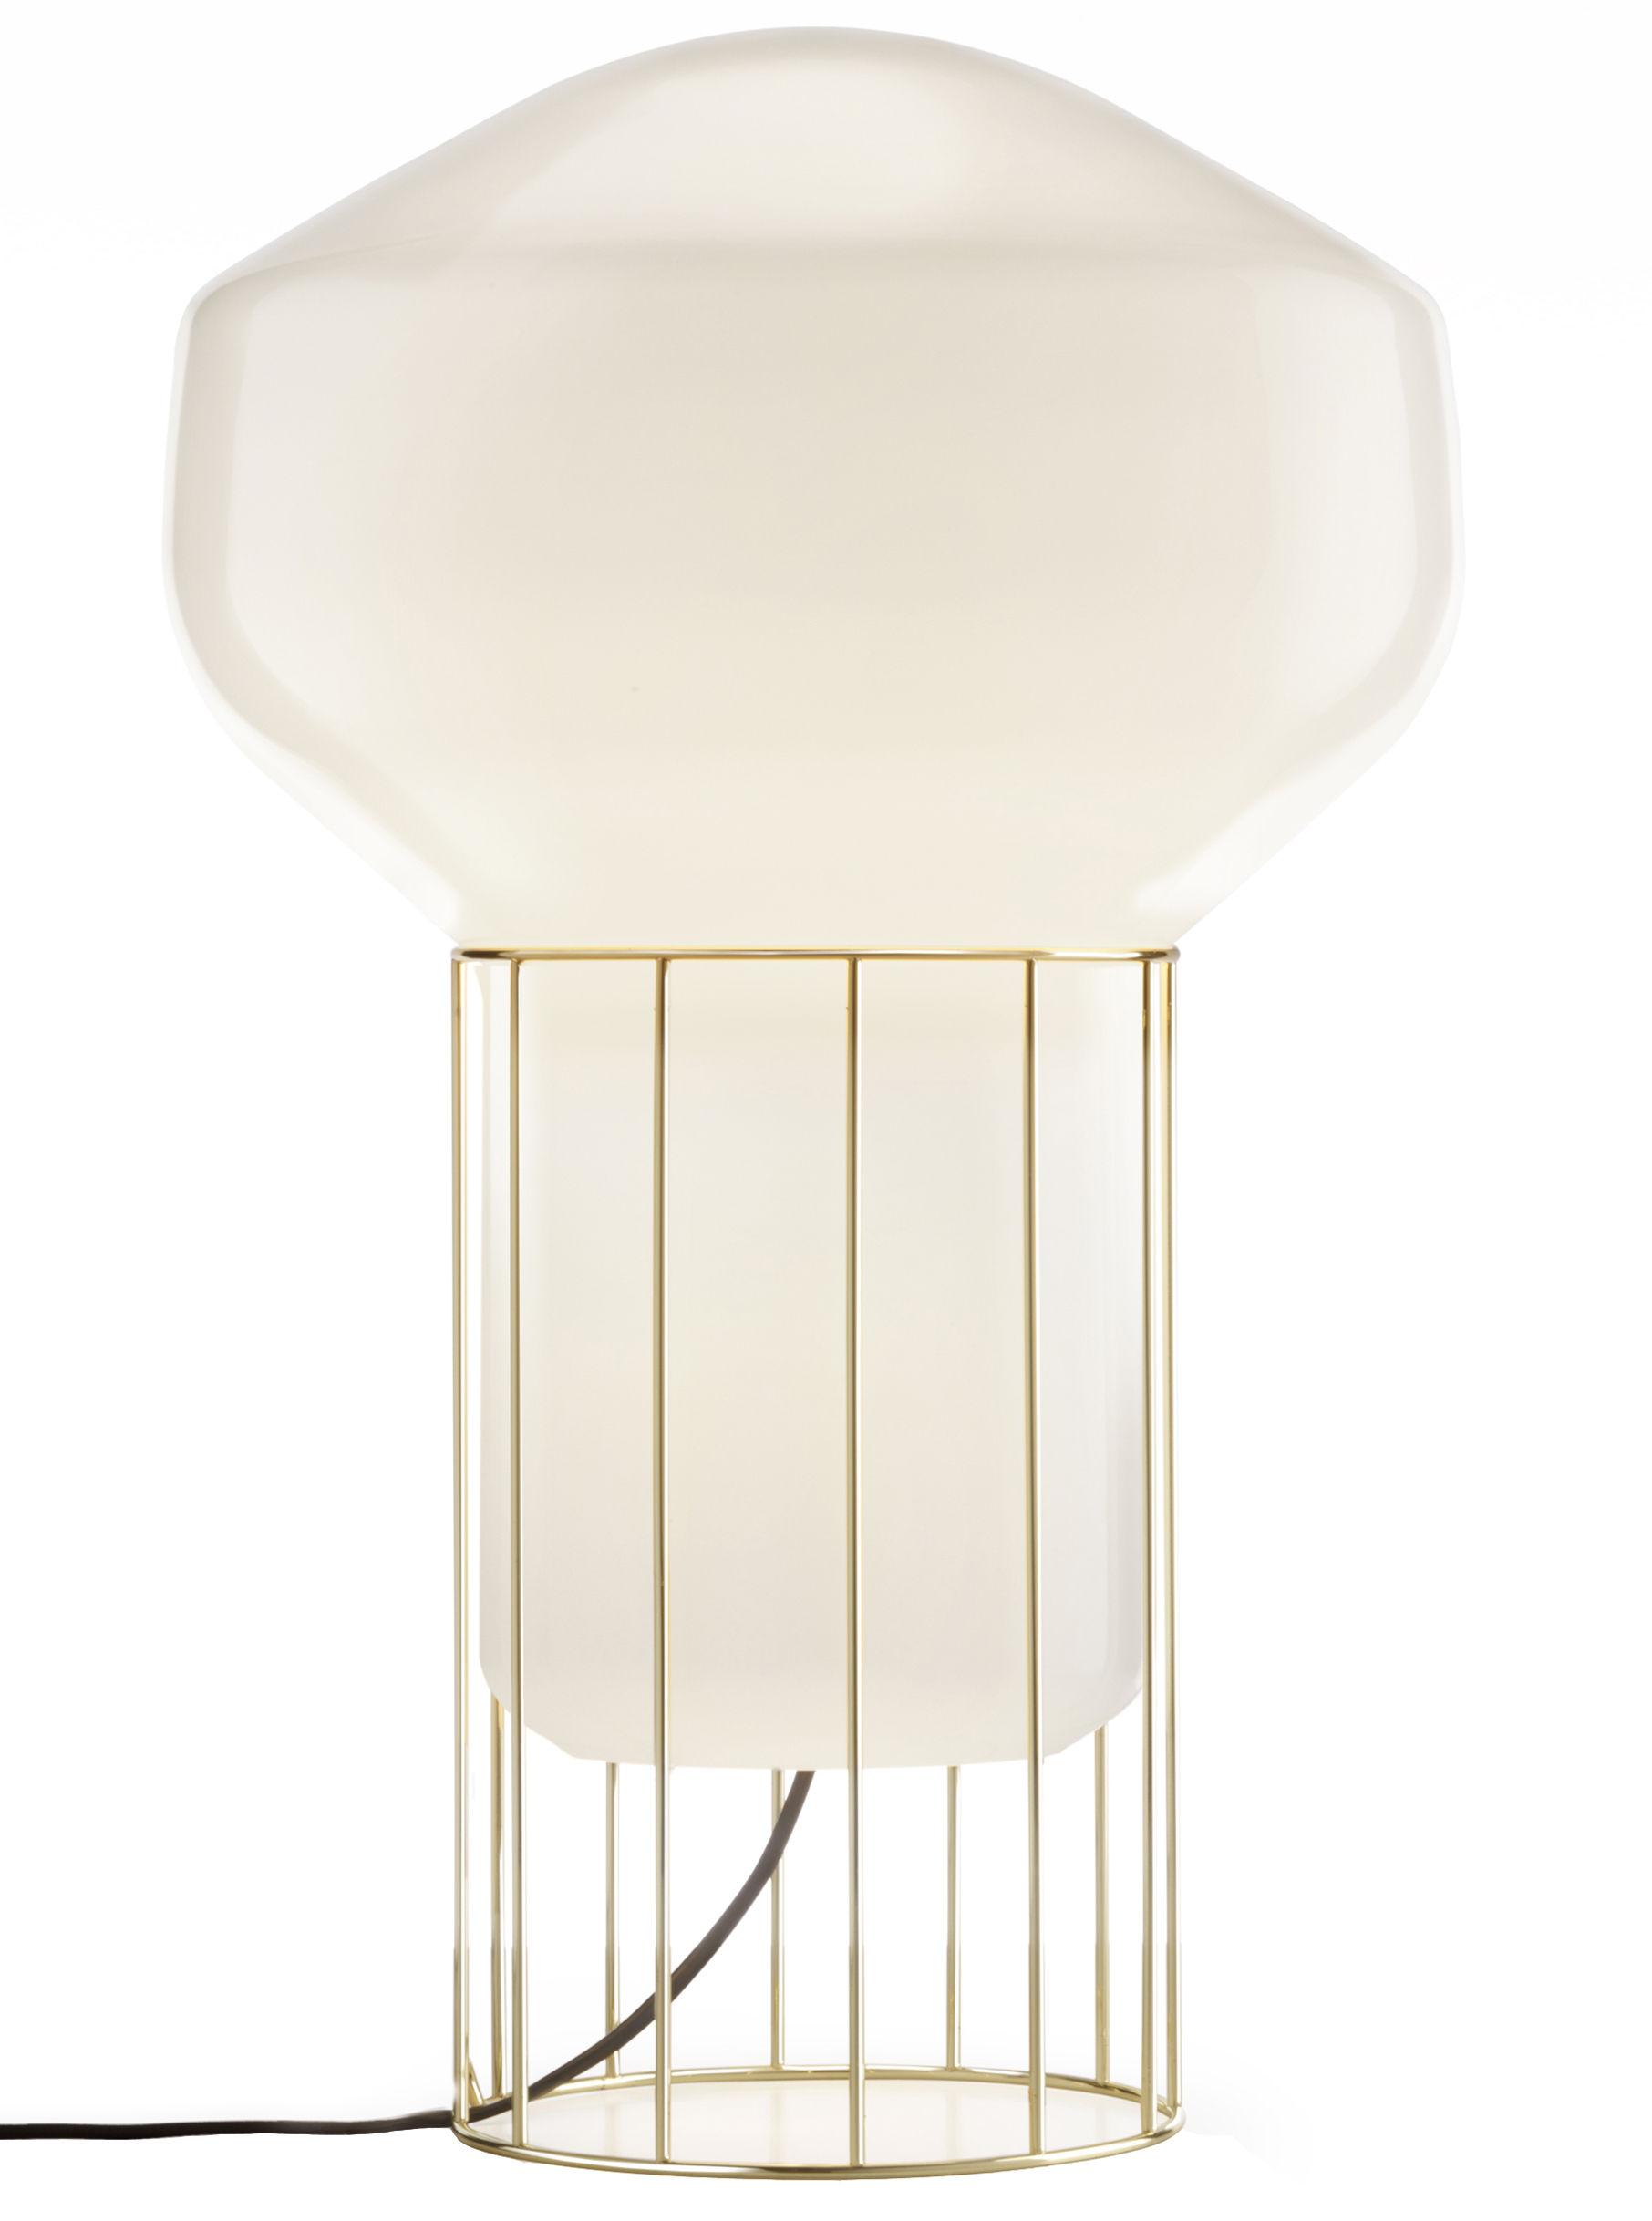 Leuchten - Bodenleuchten - Aérostat Media Lampe / H 53 cm - Fabbian - Gestell: messingfarben / Diffusor: weiß - Métal plaqué laiton, Verre soufflé opalin